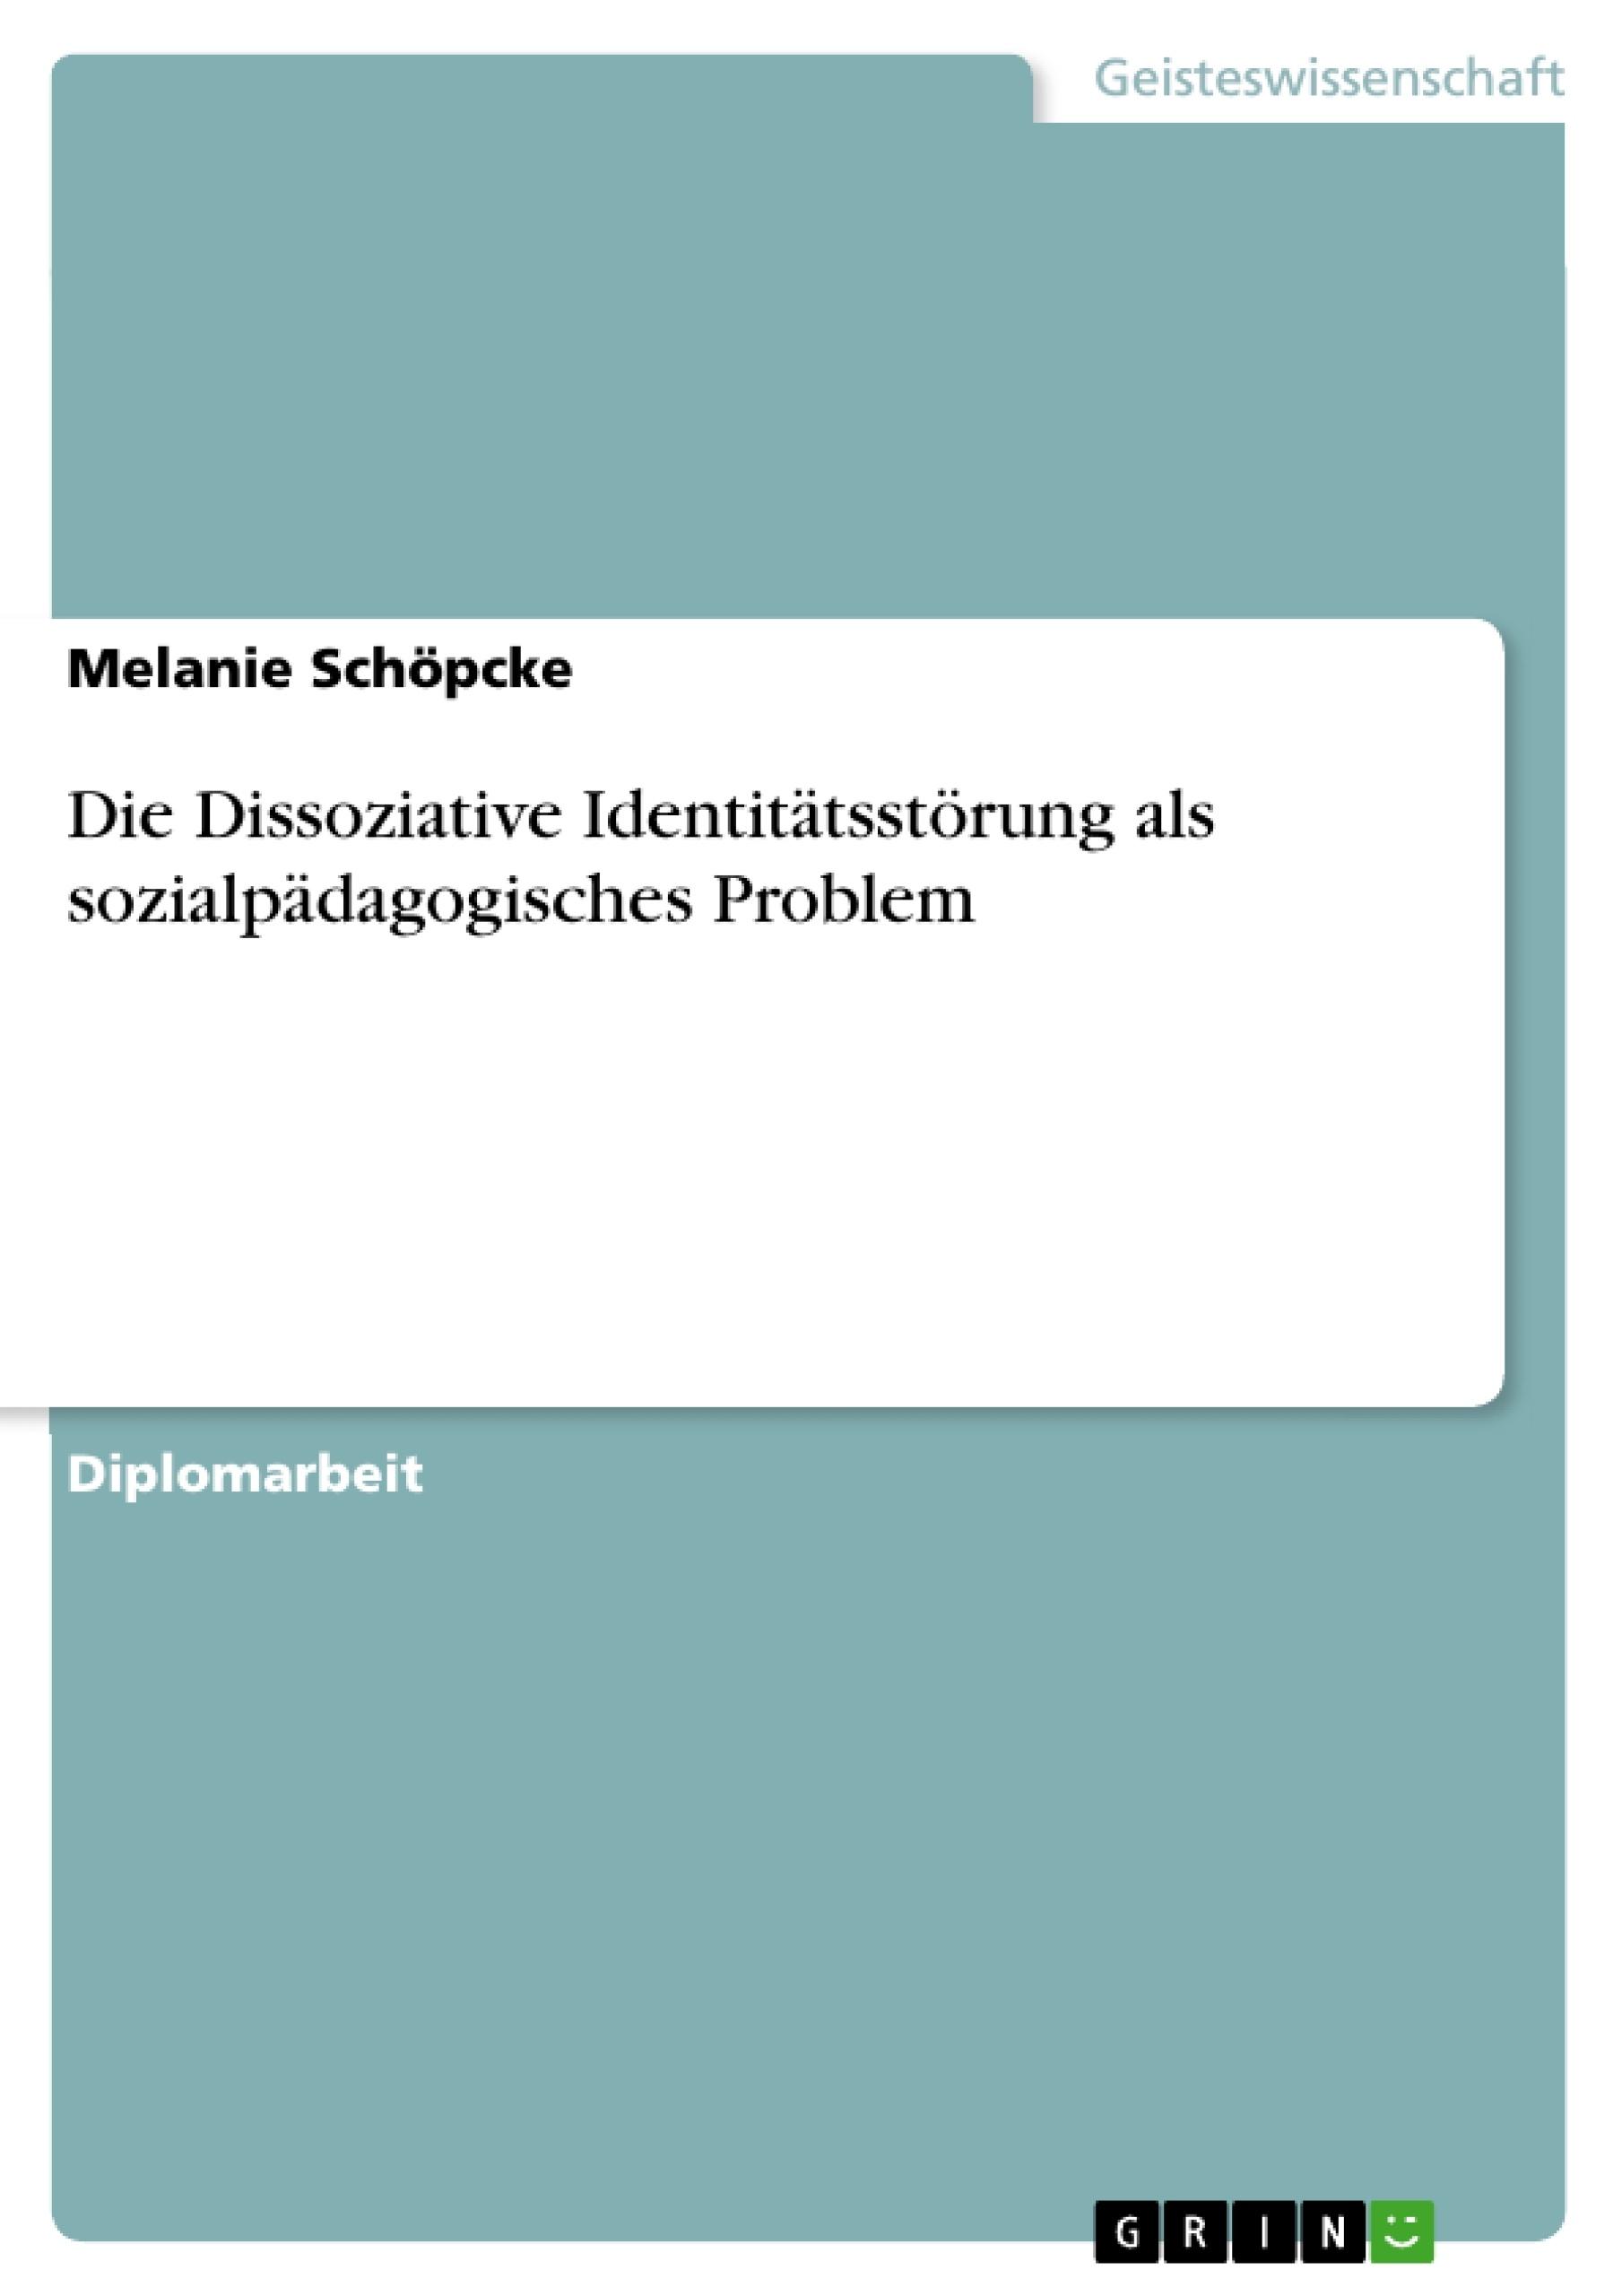 Titel: Die Dissoziative Identitätsstörung als sozialpädagogisches Problem